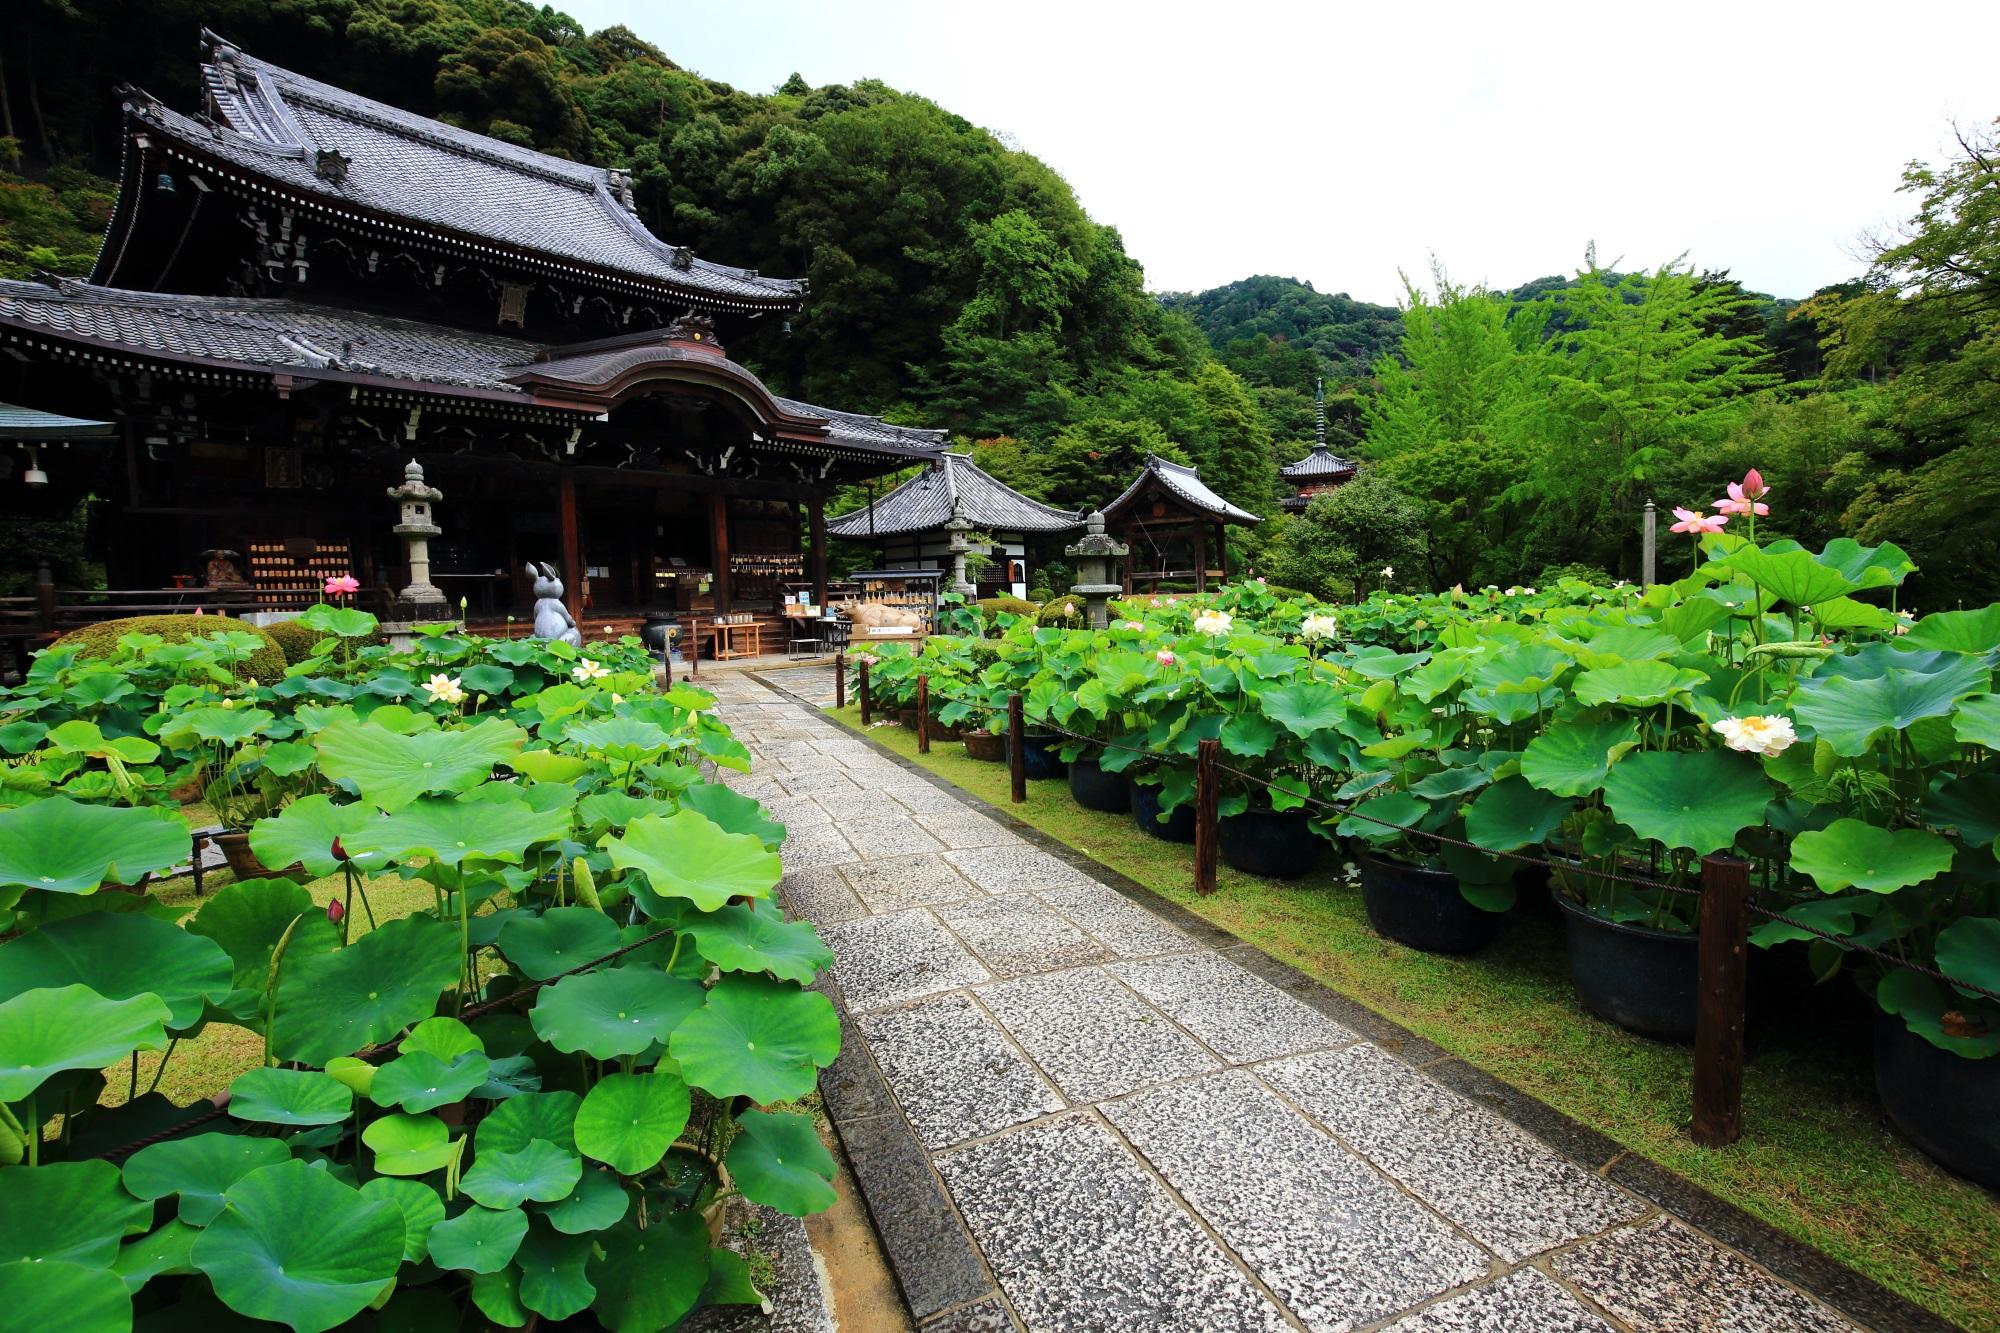 京都宇治の蓮の名所の三室戸寺